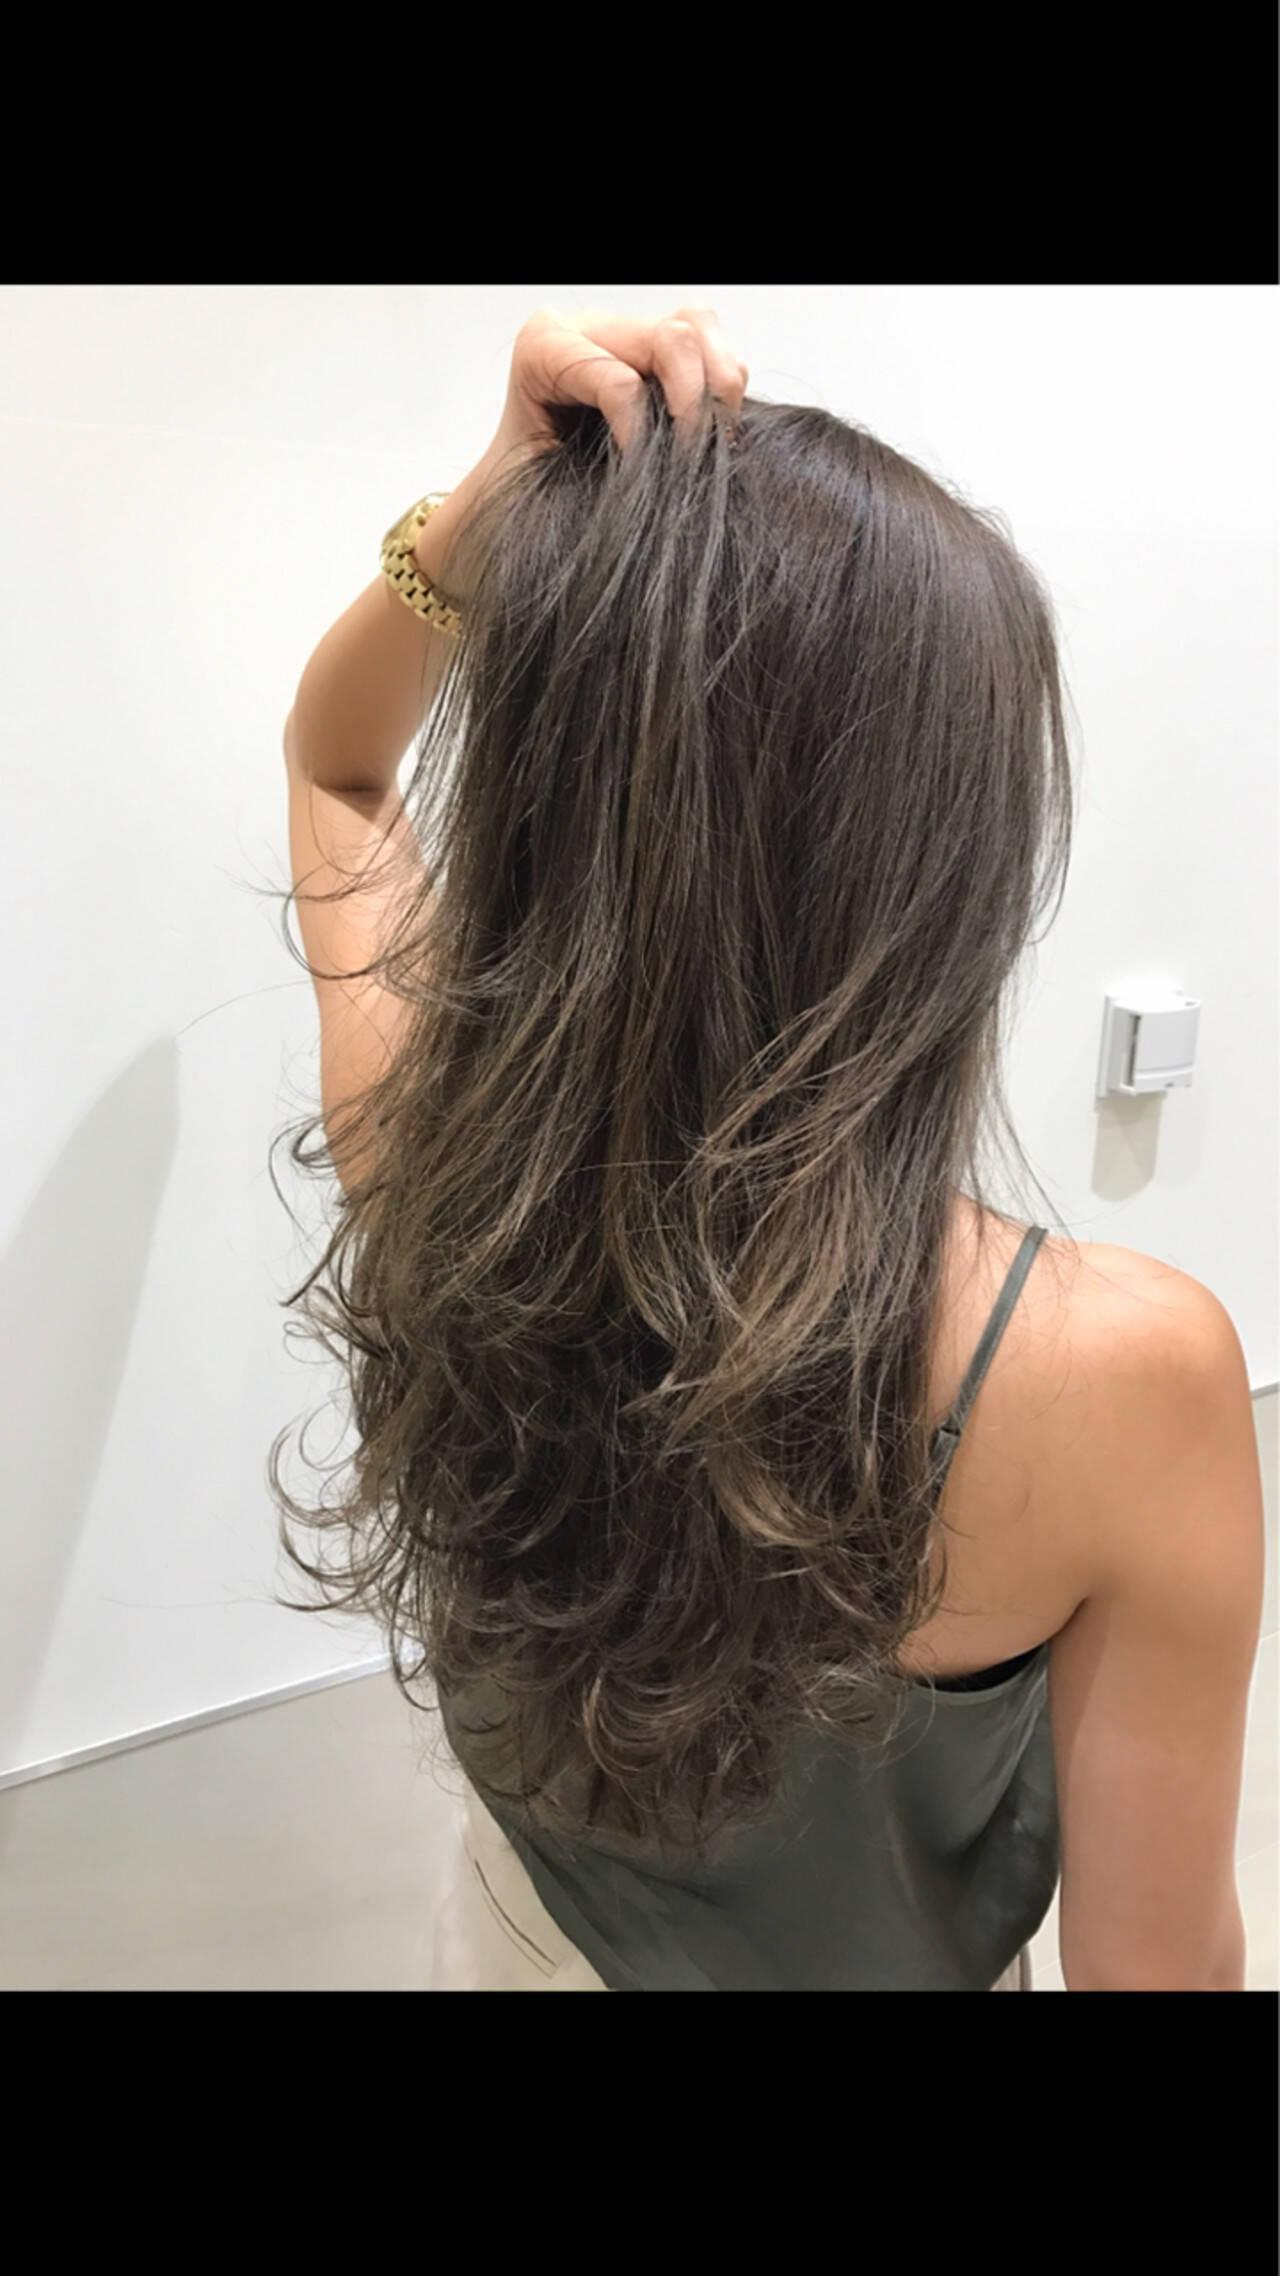 レイヤーカット ナチュラル グラデーションカラー ブラウンベージュヘアスタイルや髪型の写真・画像